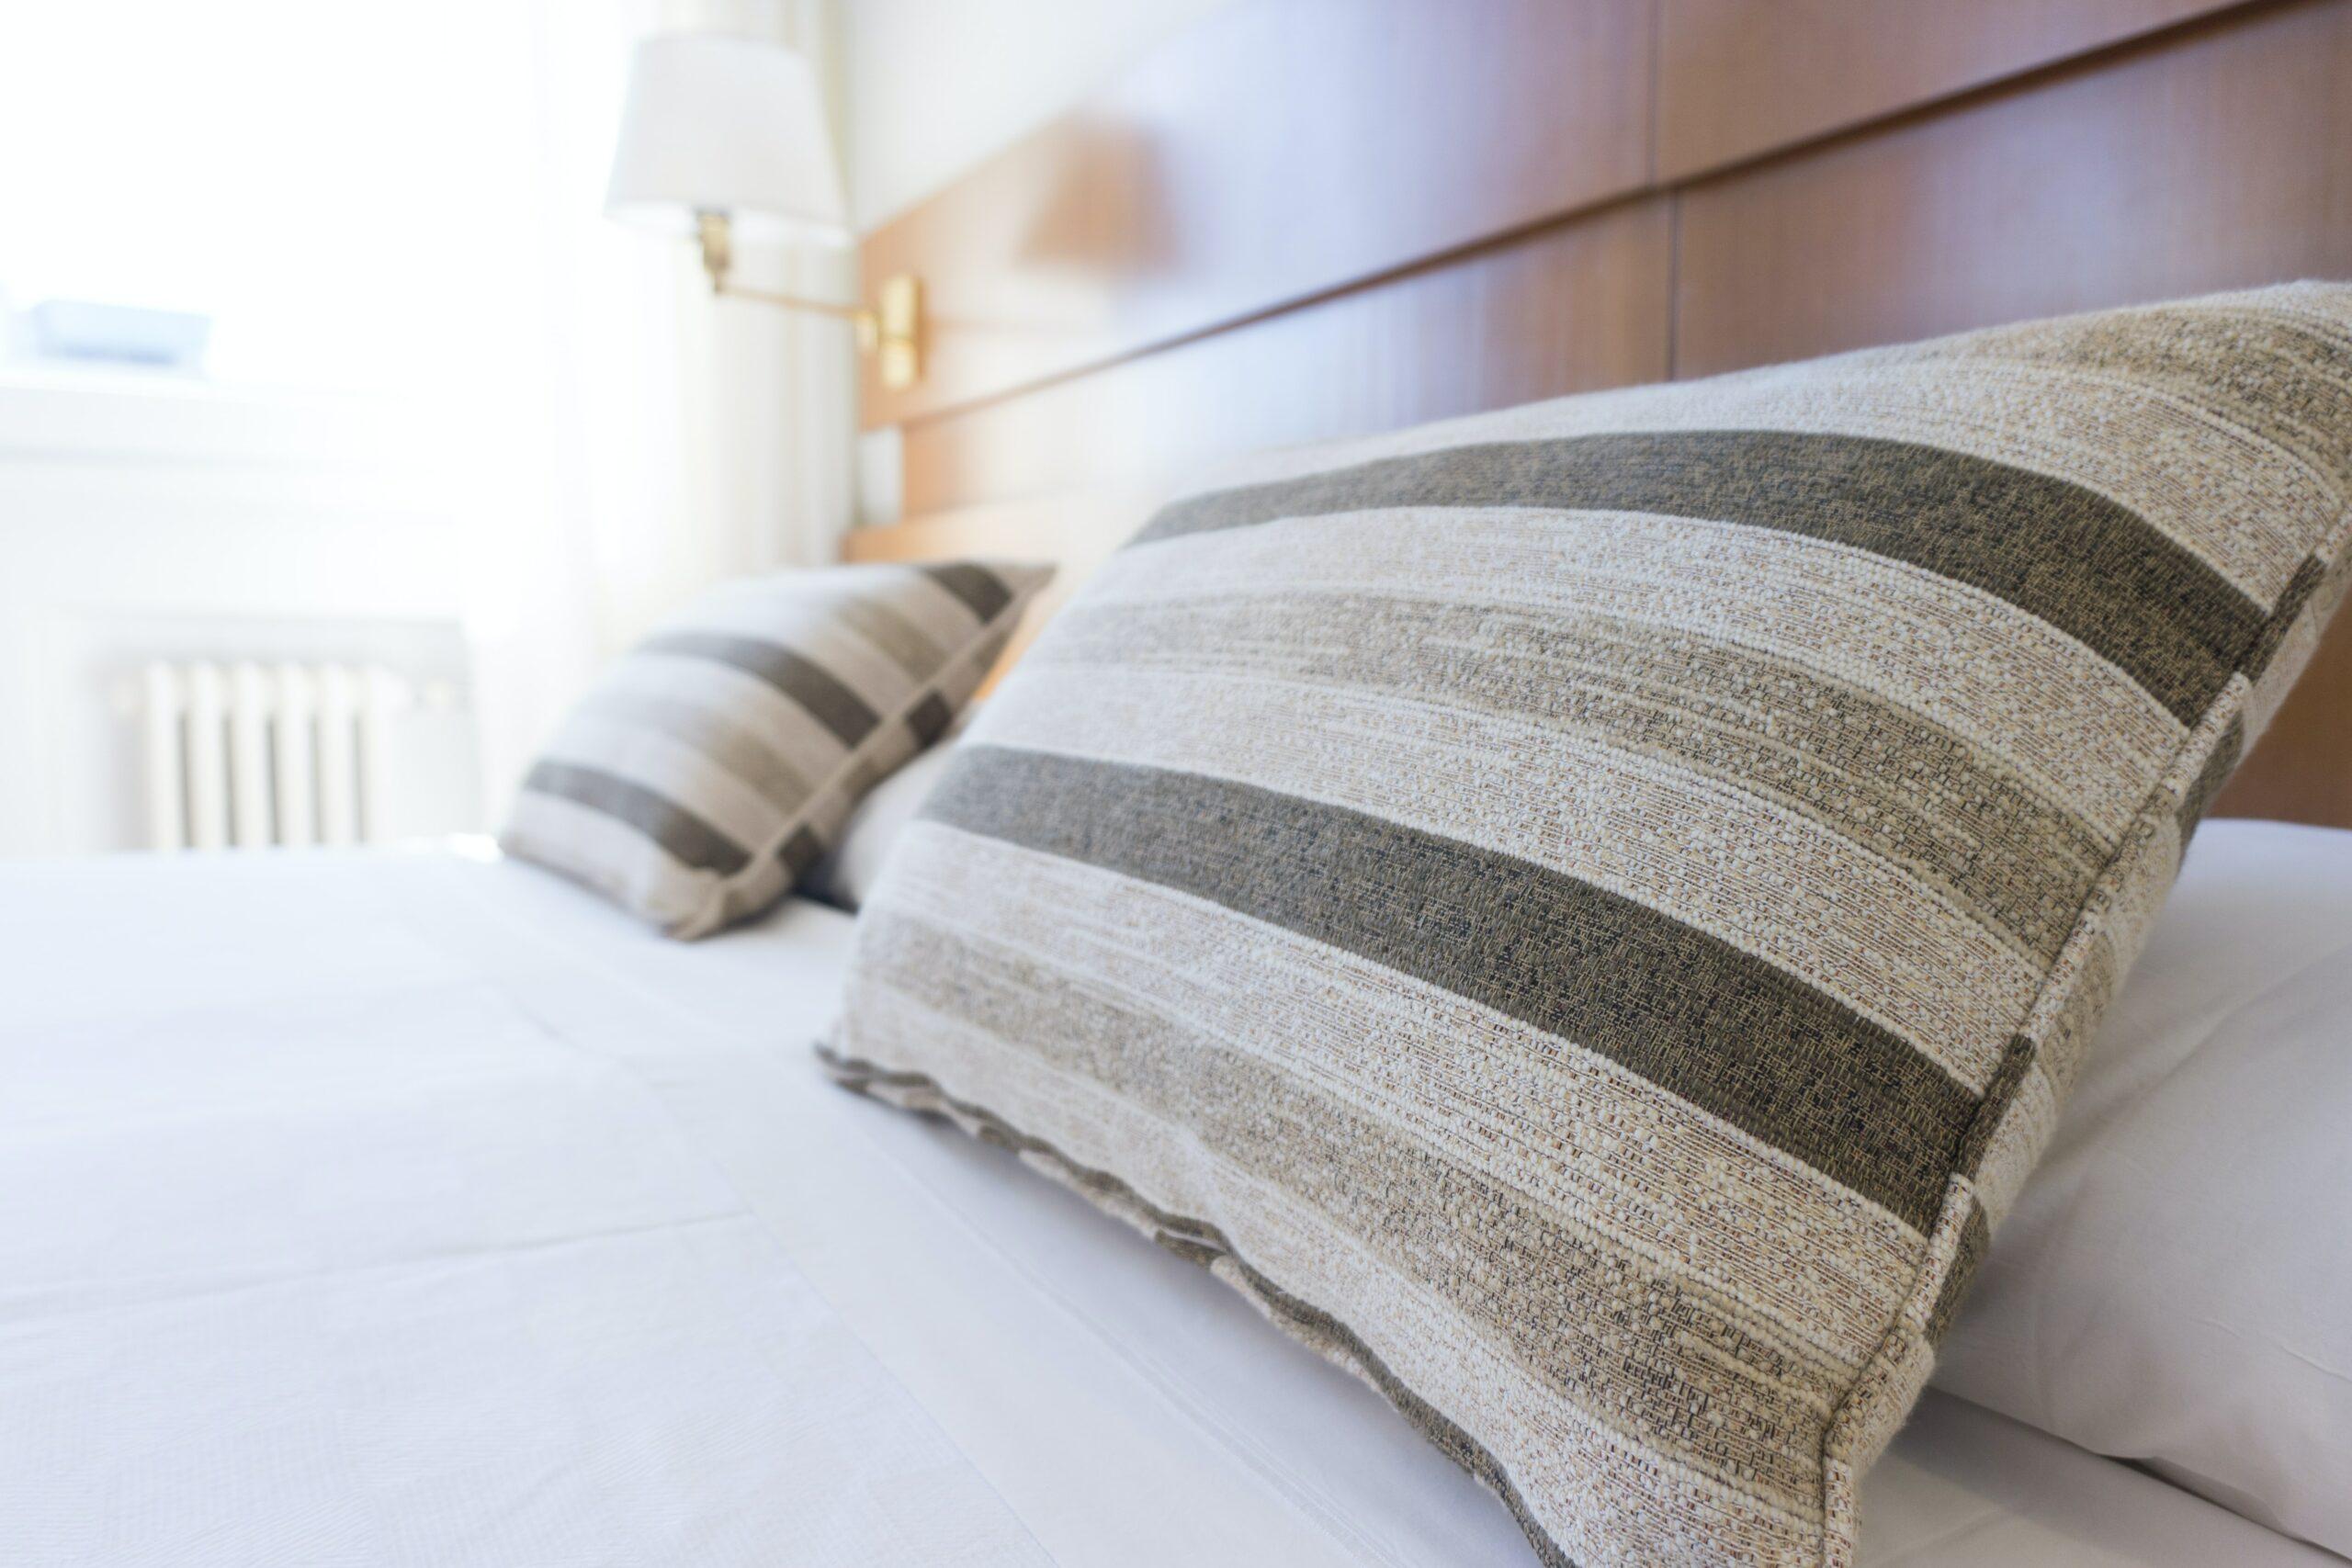 Imagen de la cama de un hotel